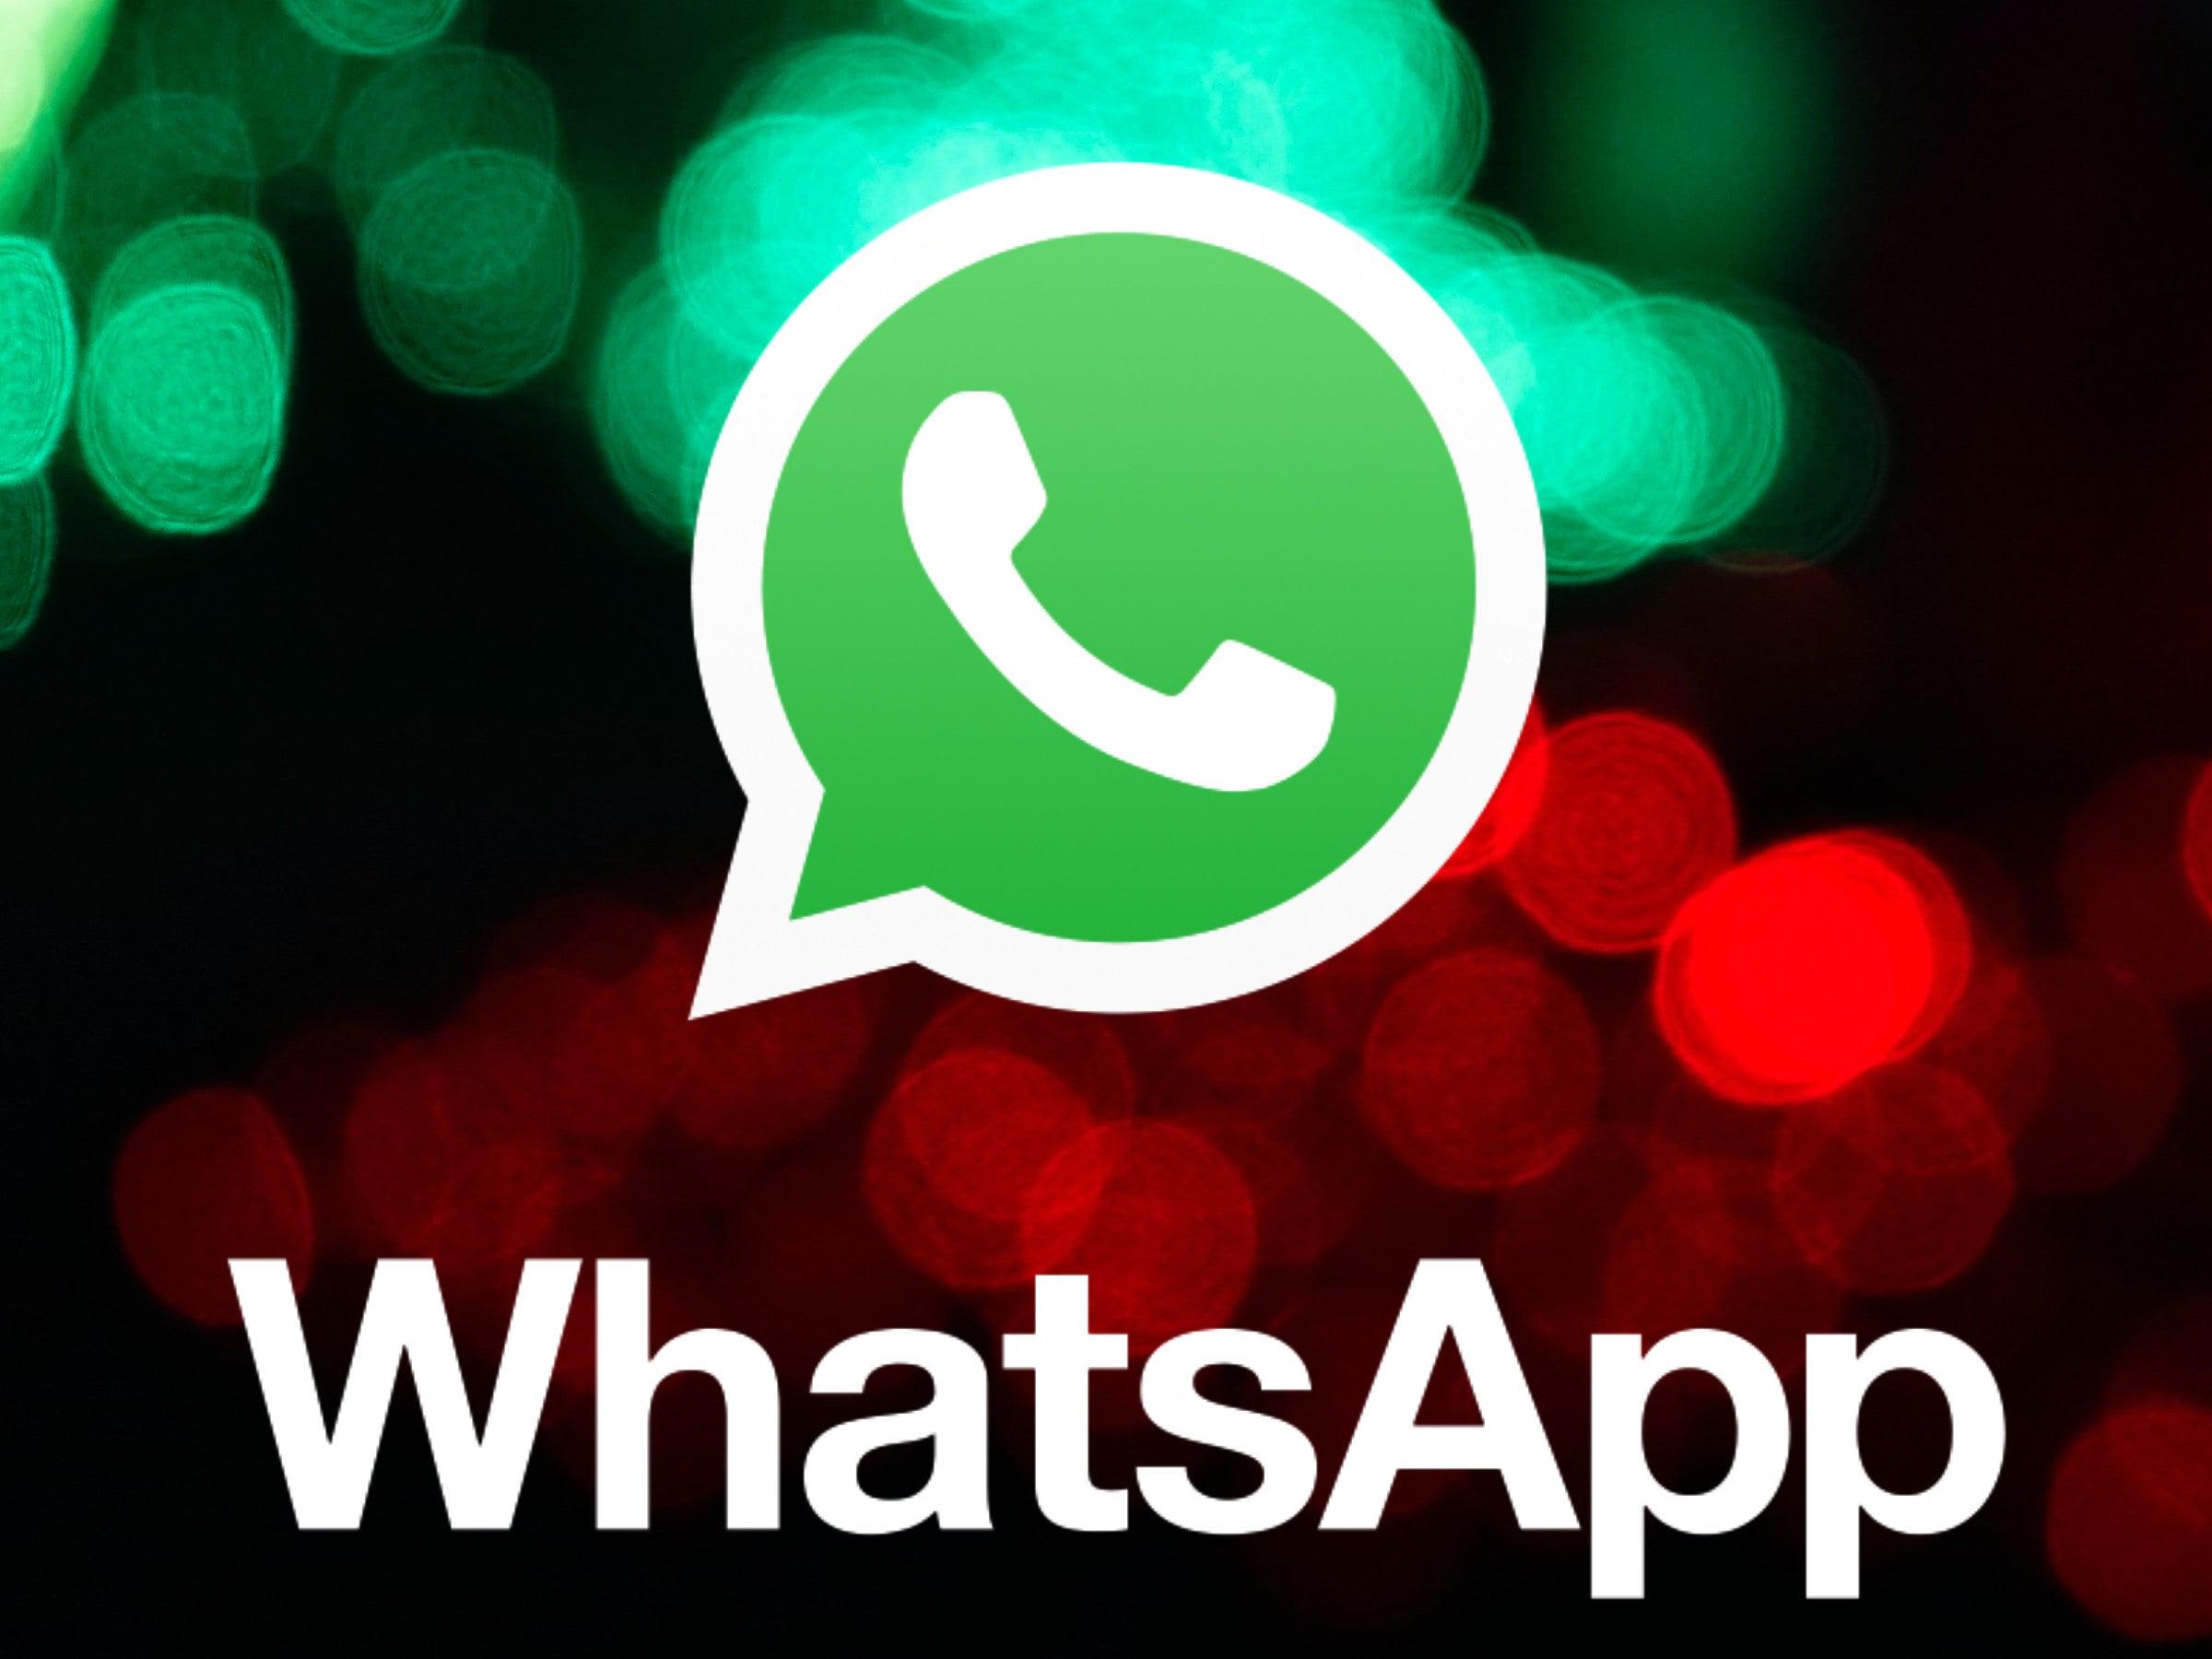 Weg profilbild in whatsapp WhatsApp Profilbild